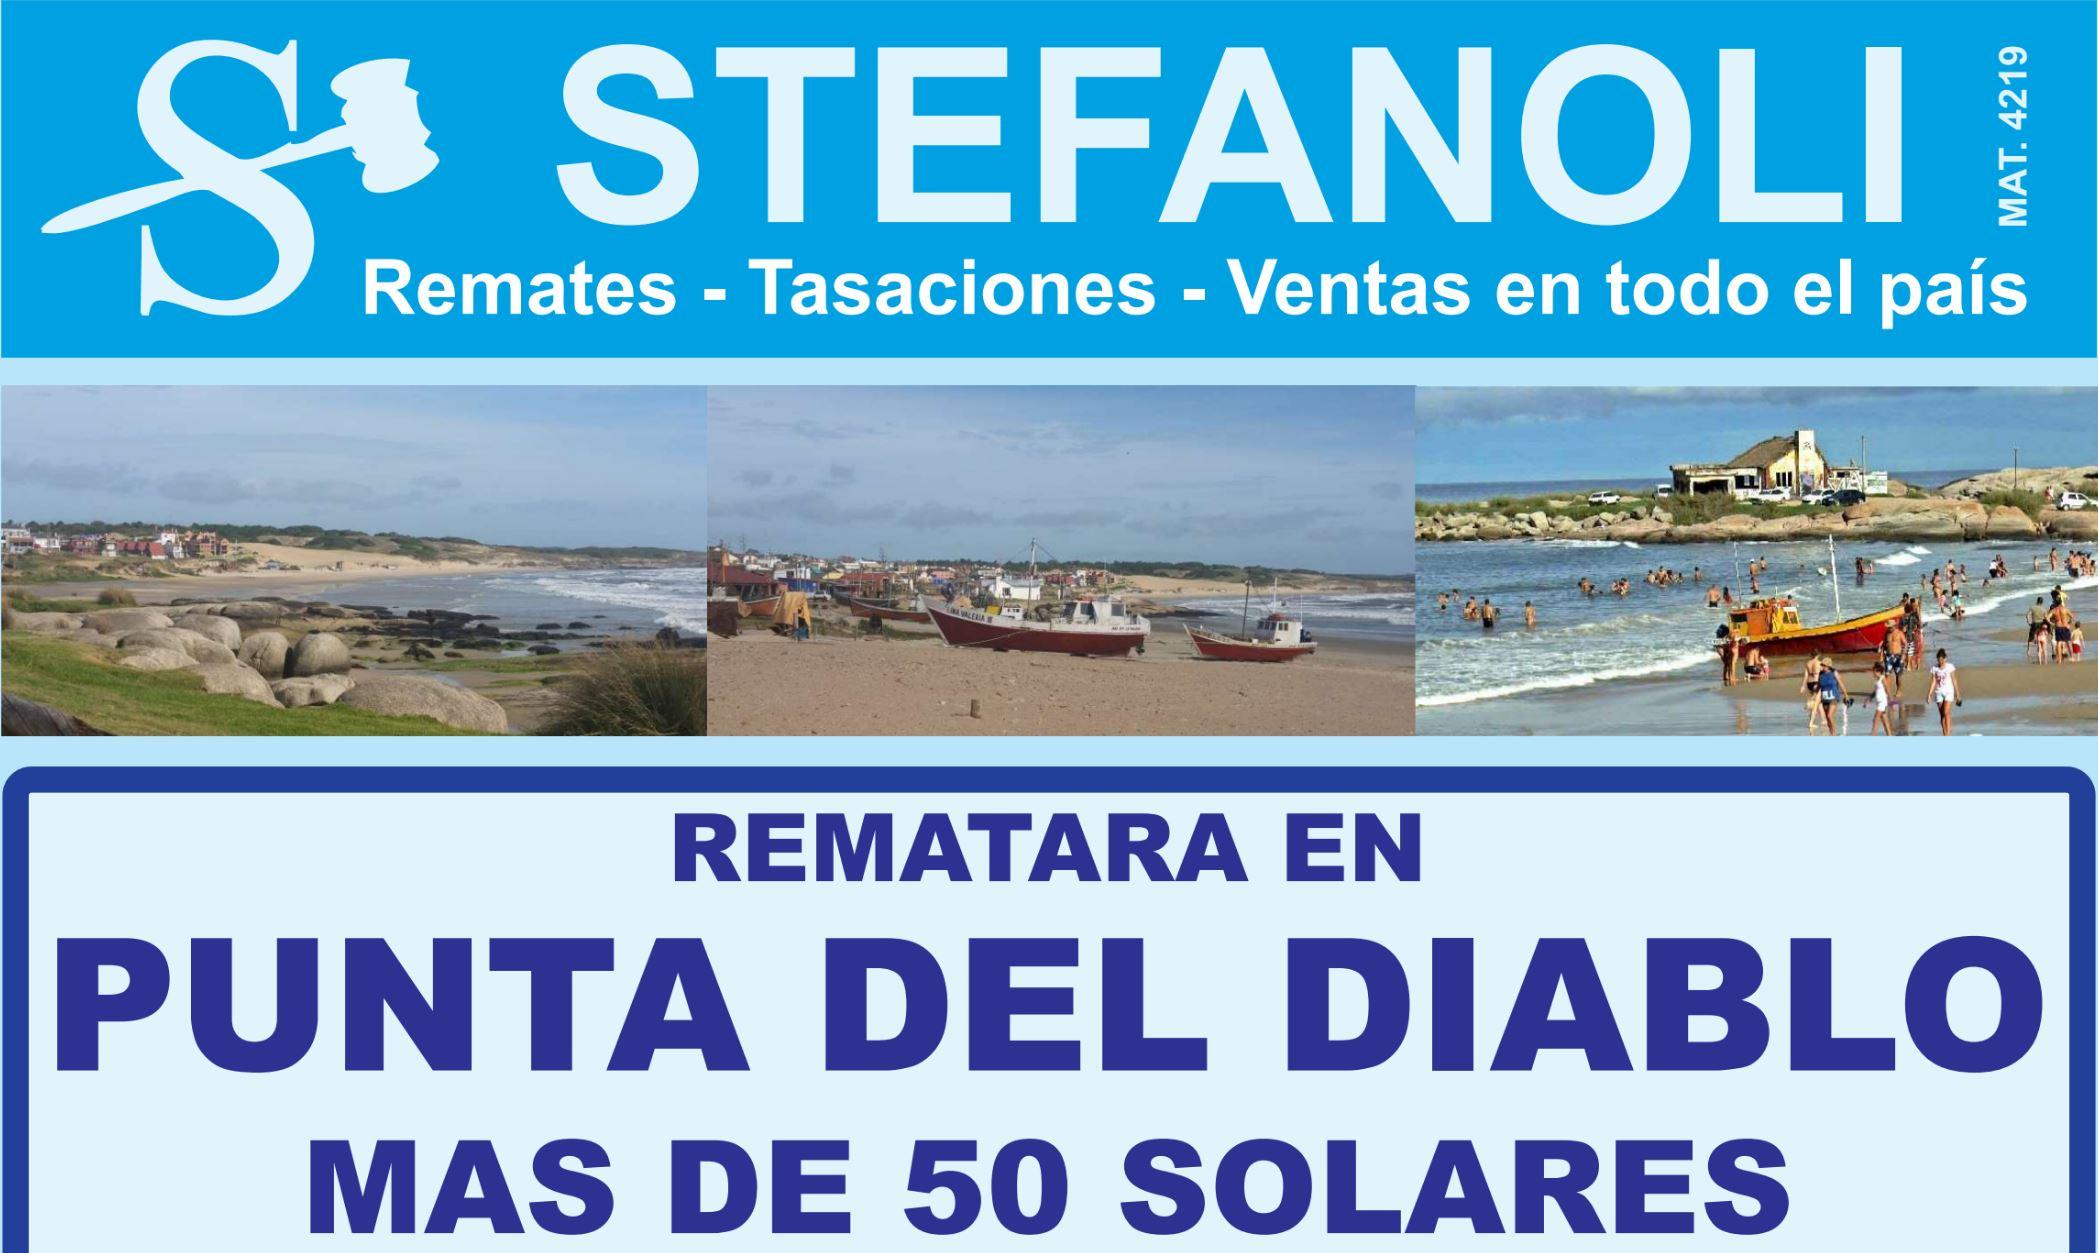 Stefanoli Remata más de 50 solares en Punta del Diablo